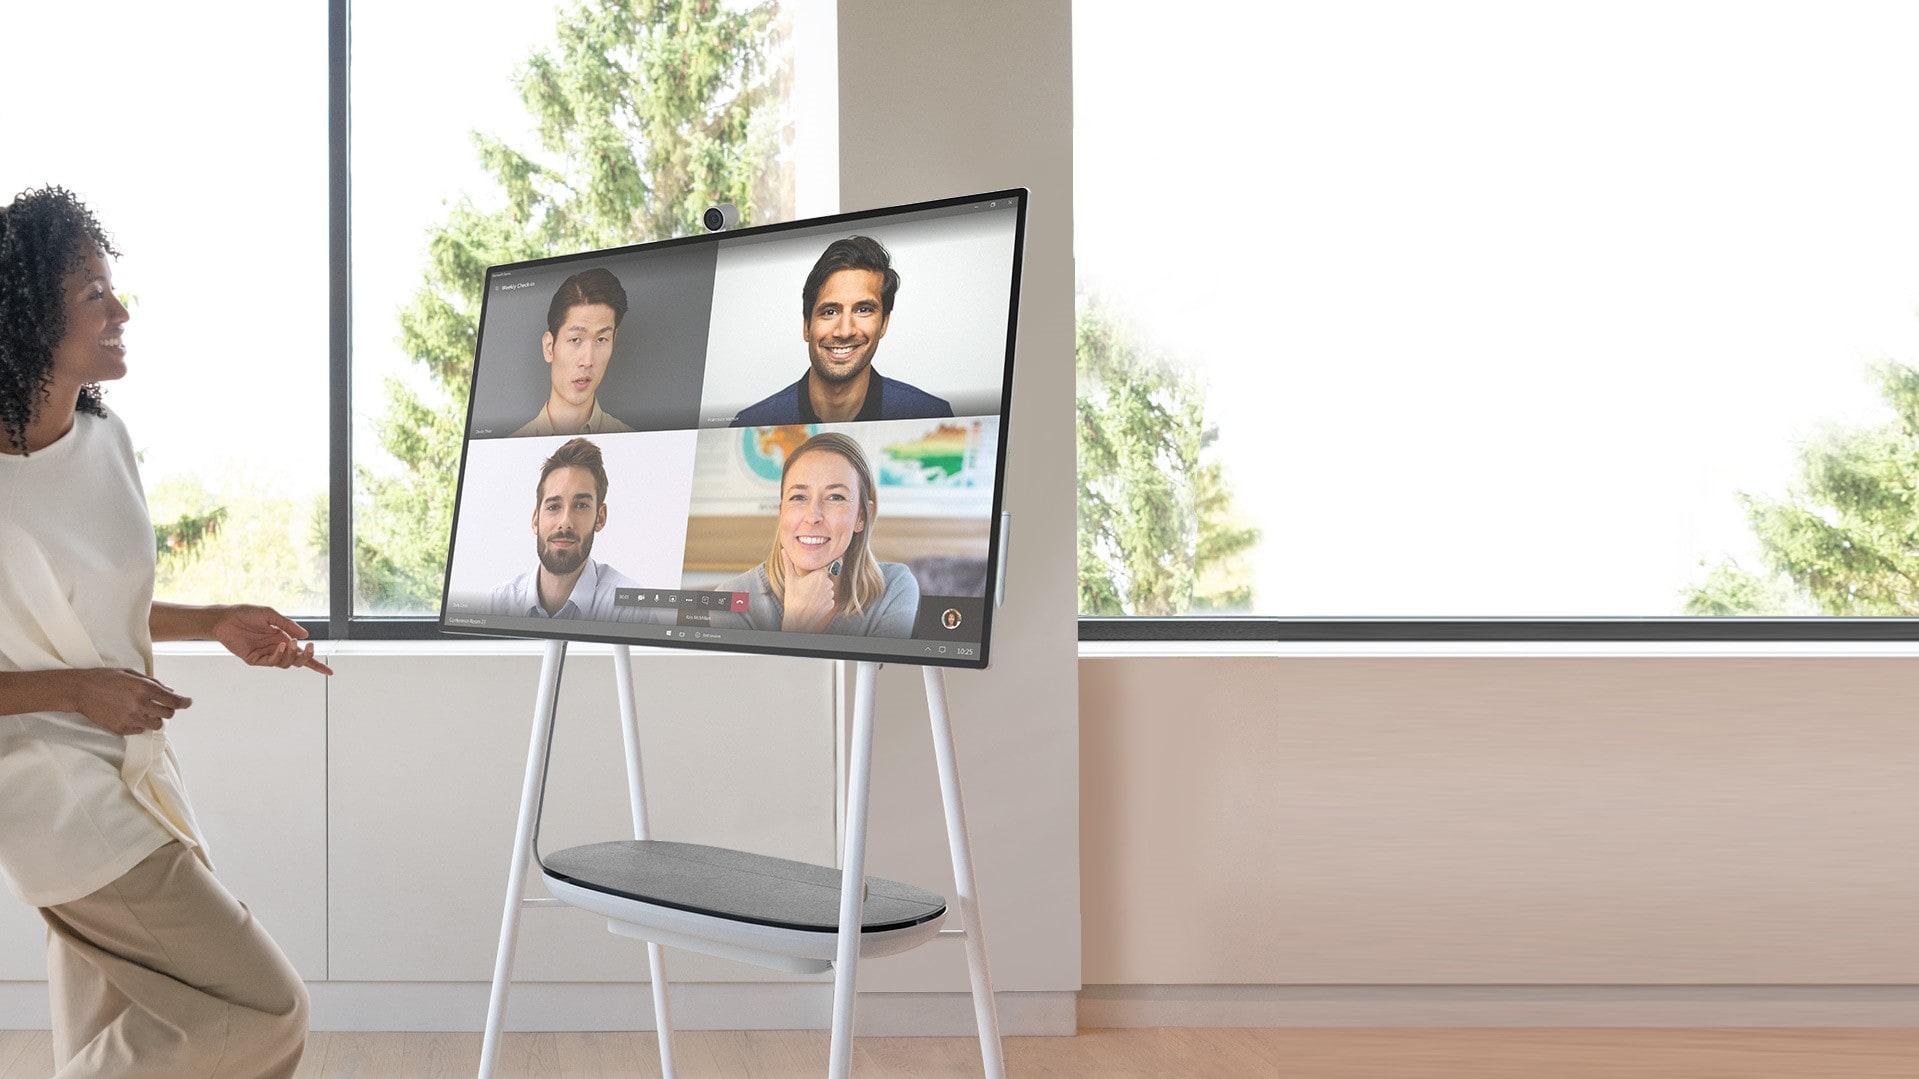 Surface Hub offre une qualité de visioconférence exceptionnelle !